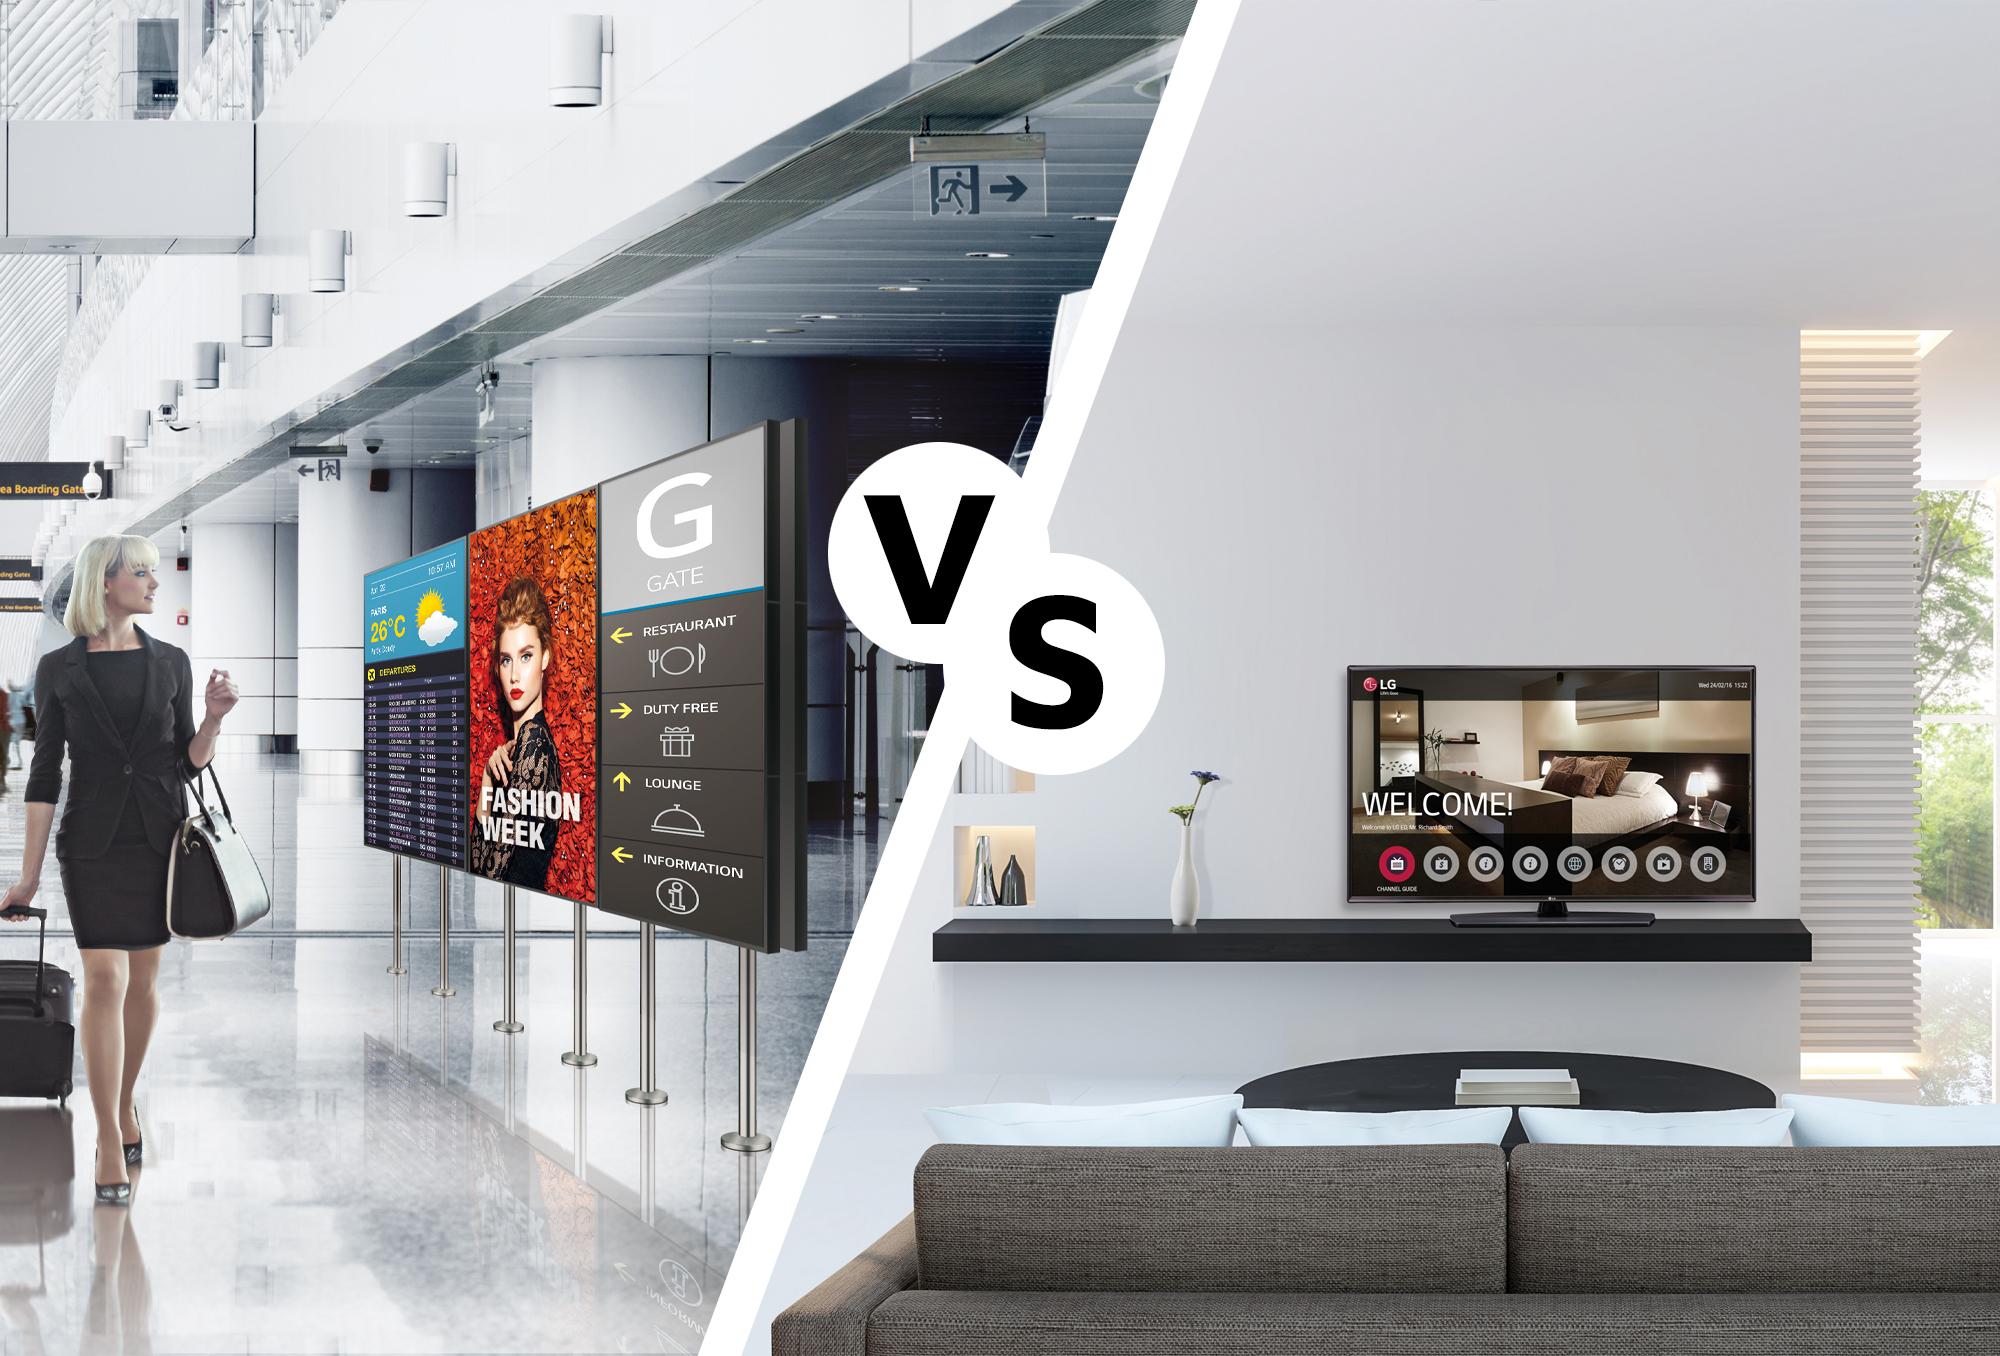 Les-differences-entre-un-Large-format-display-ecran-dynamiqu-et-une-television-traditionnelle